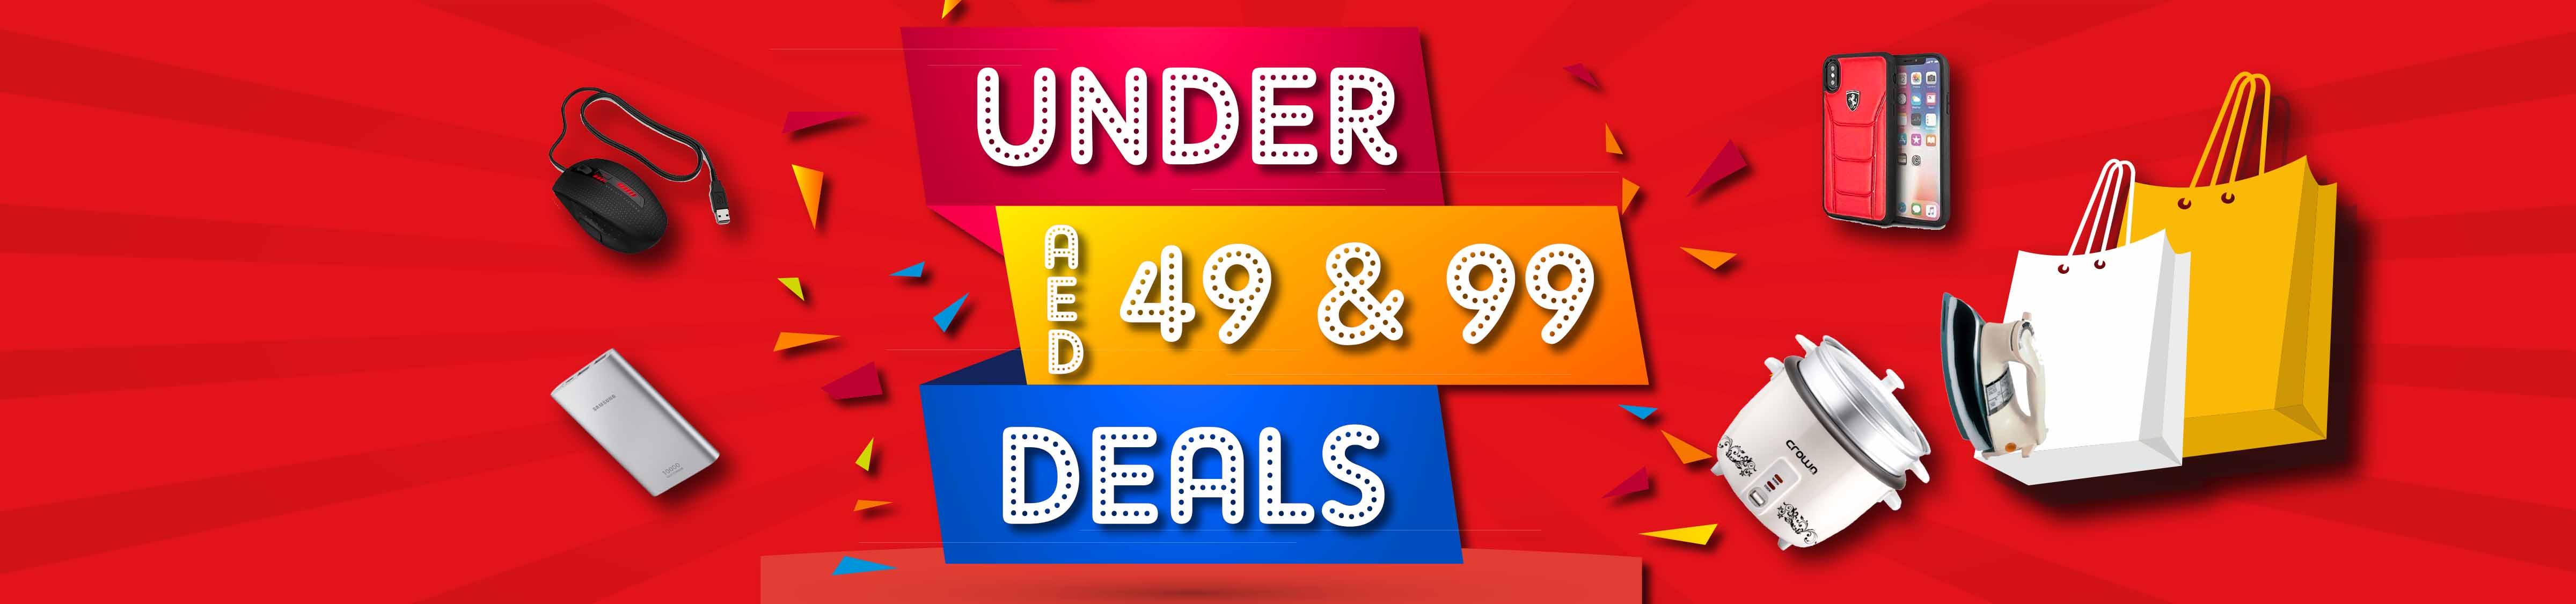 Under 49-99 Deals